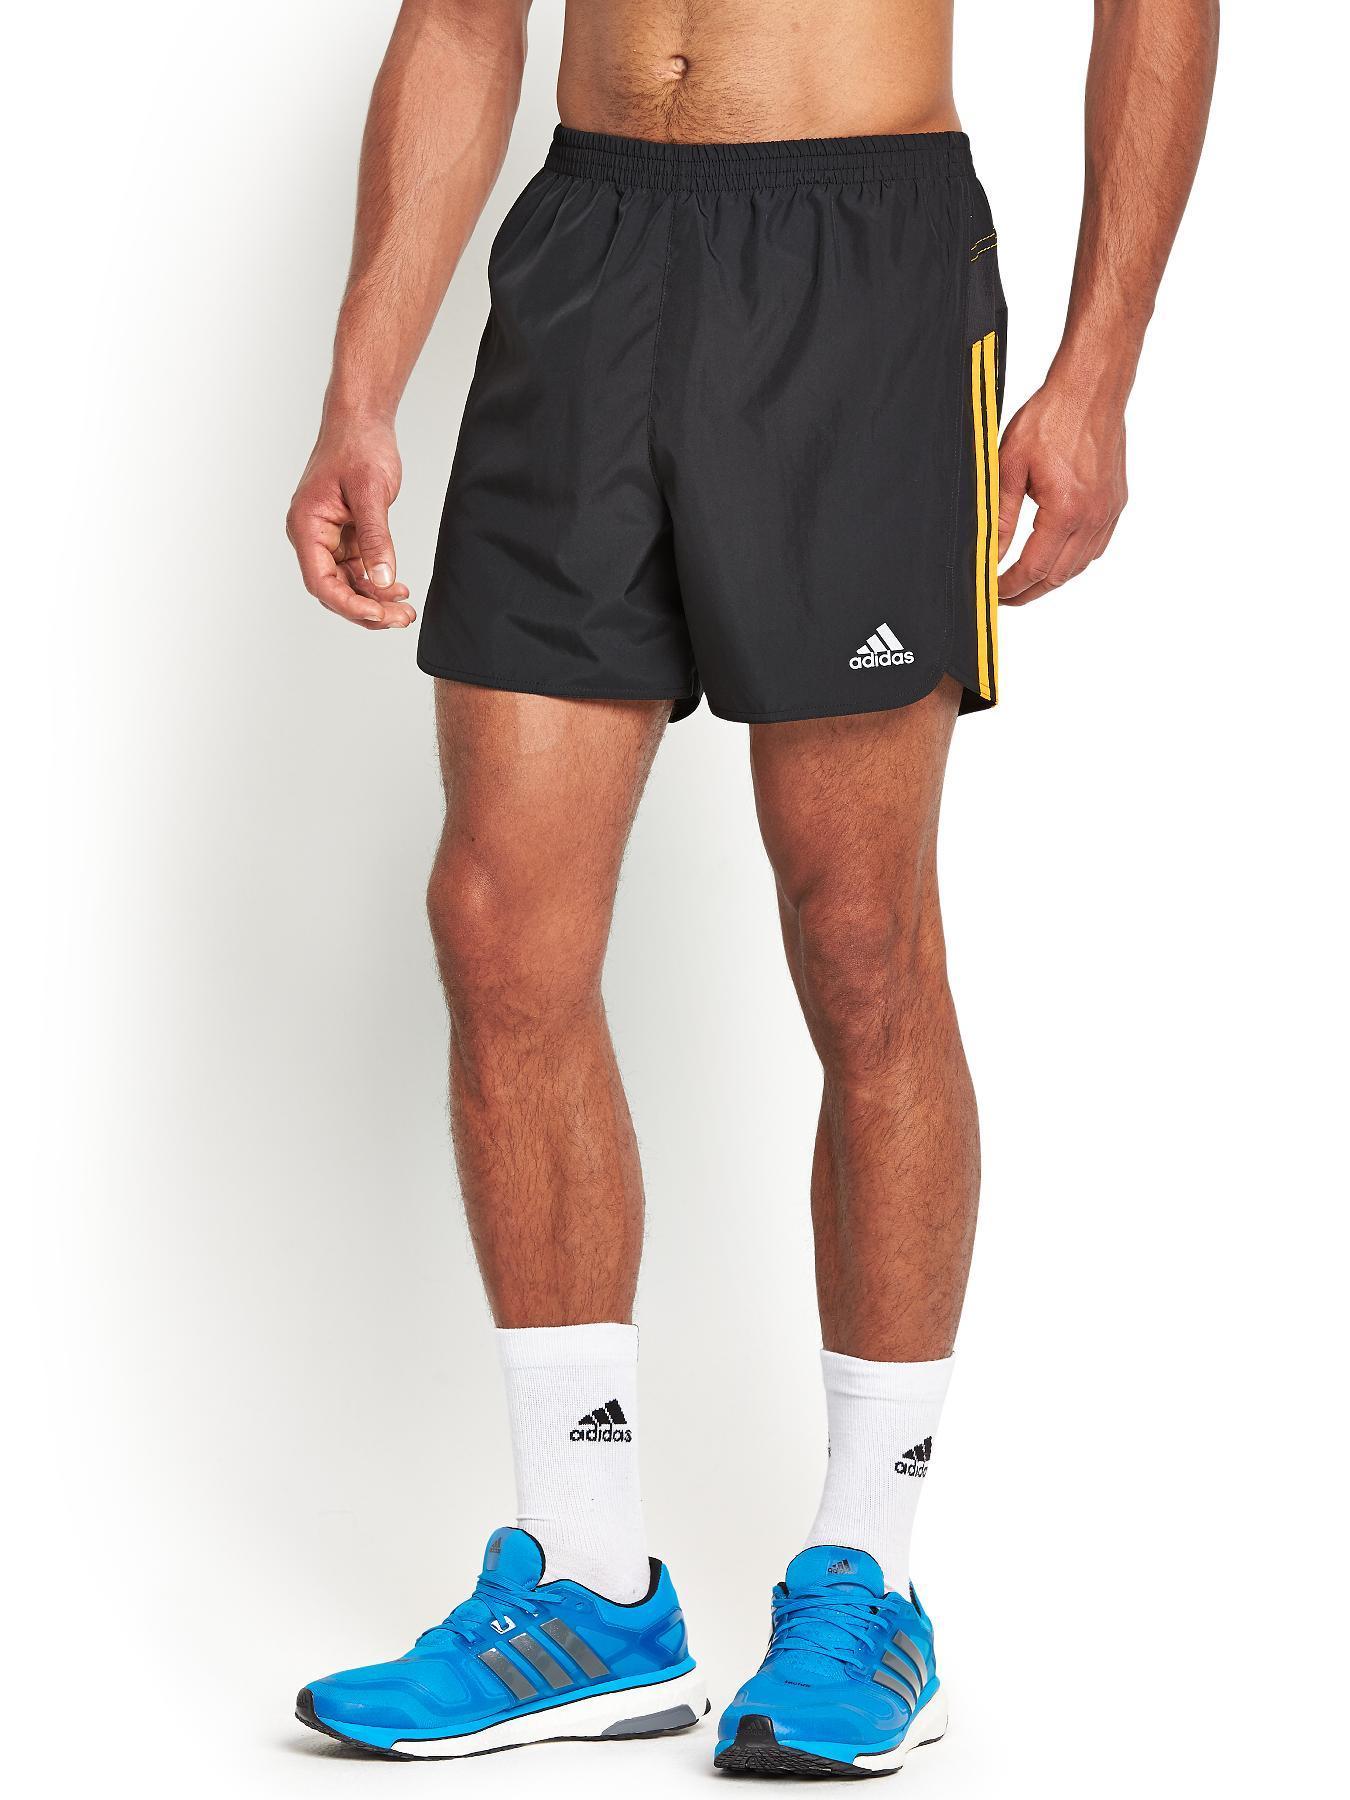 adidas 5 shorts